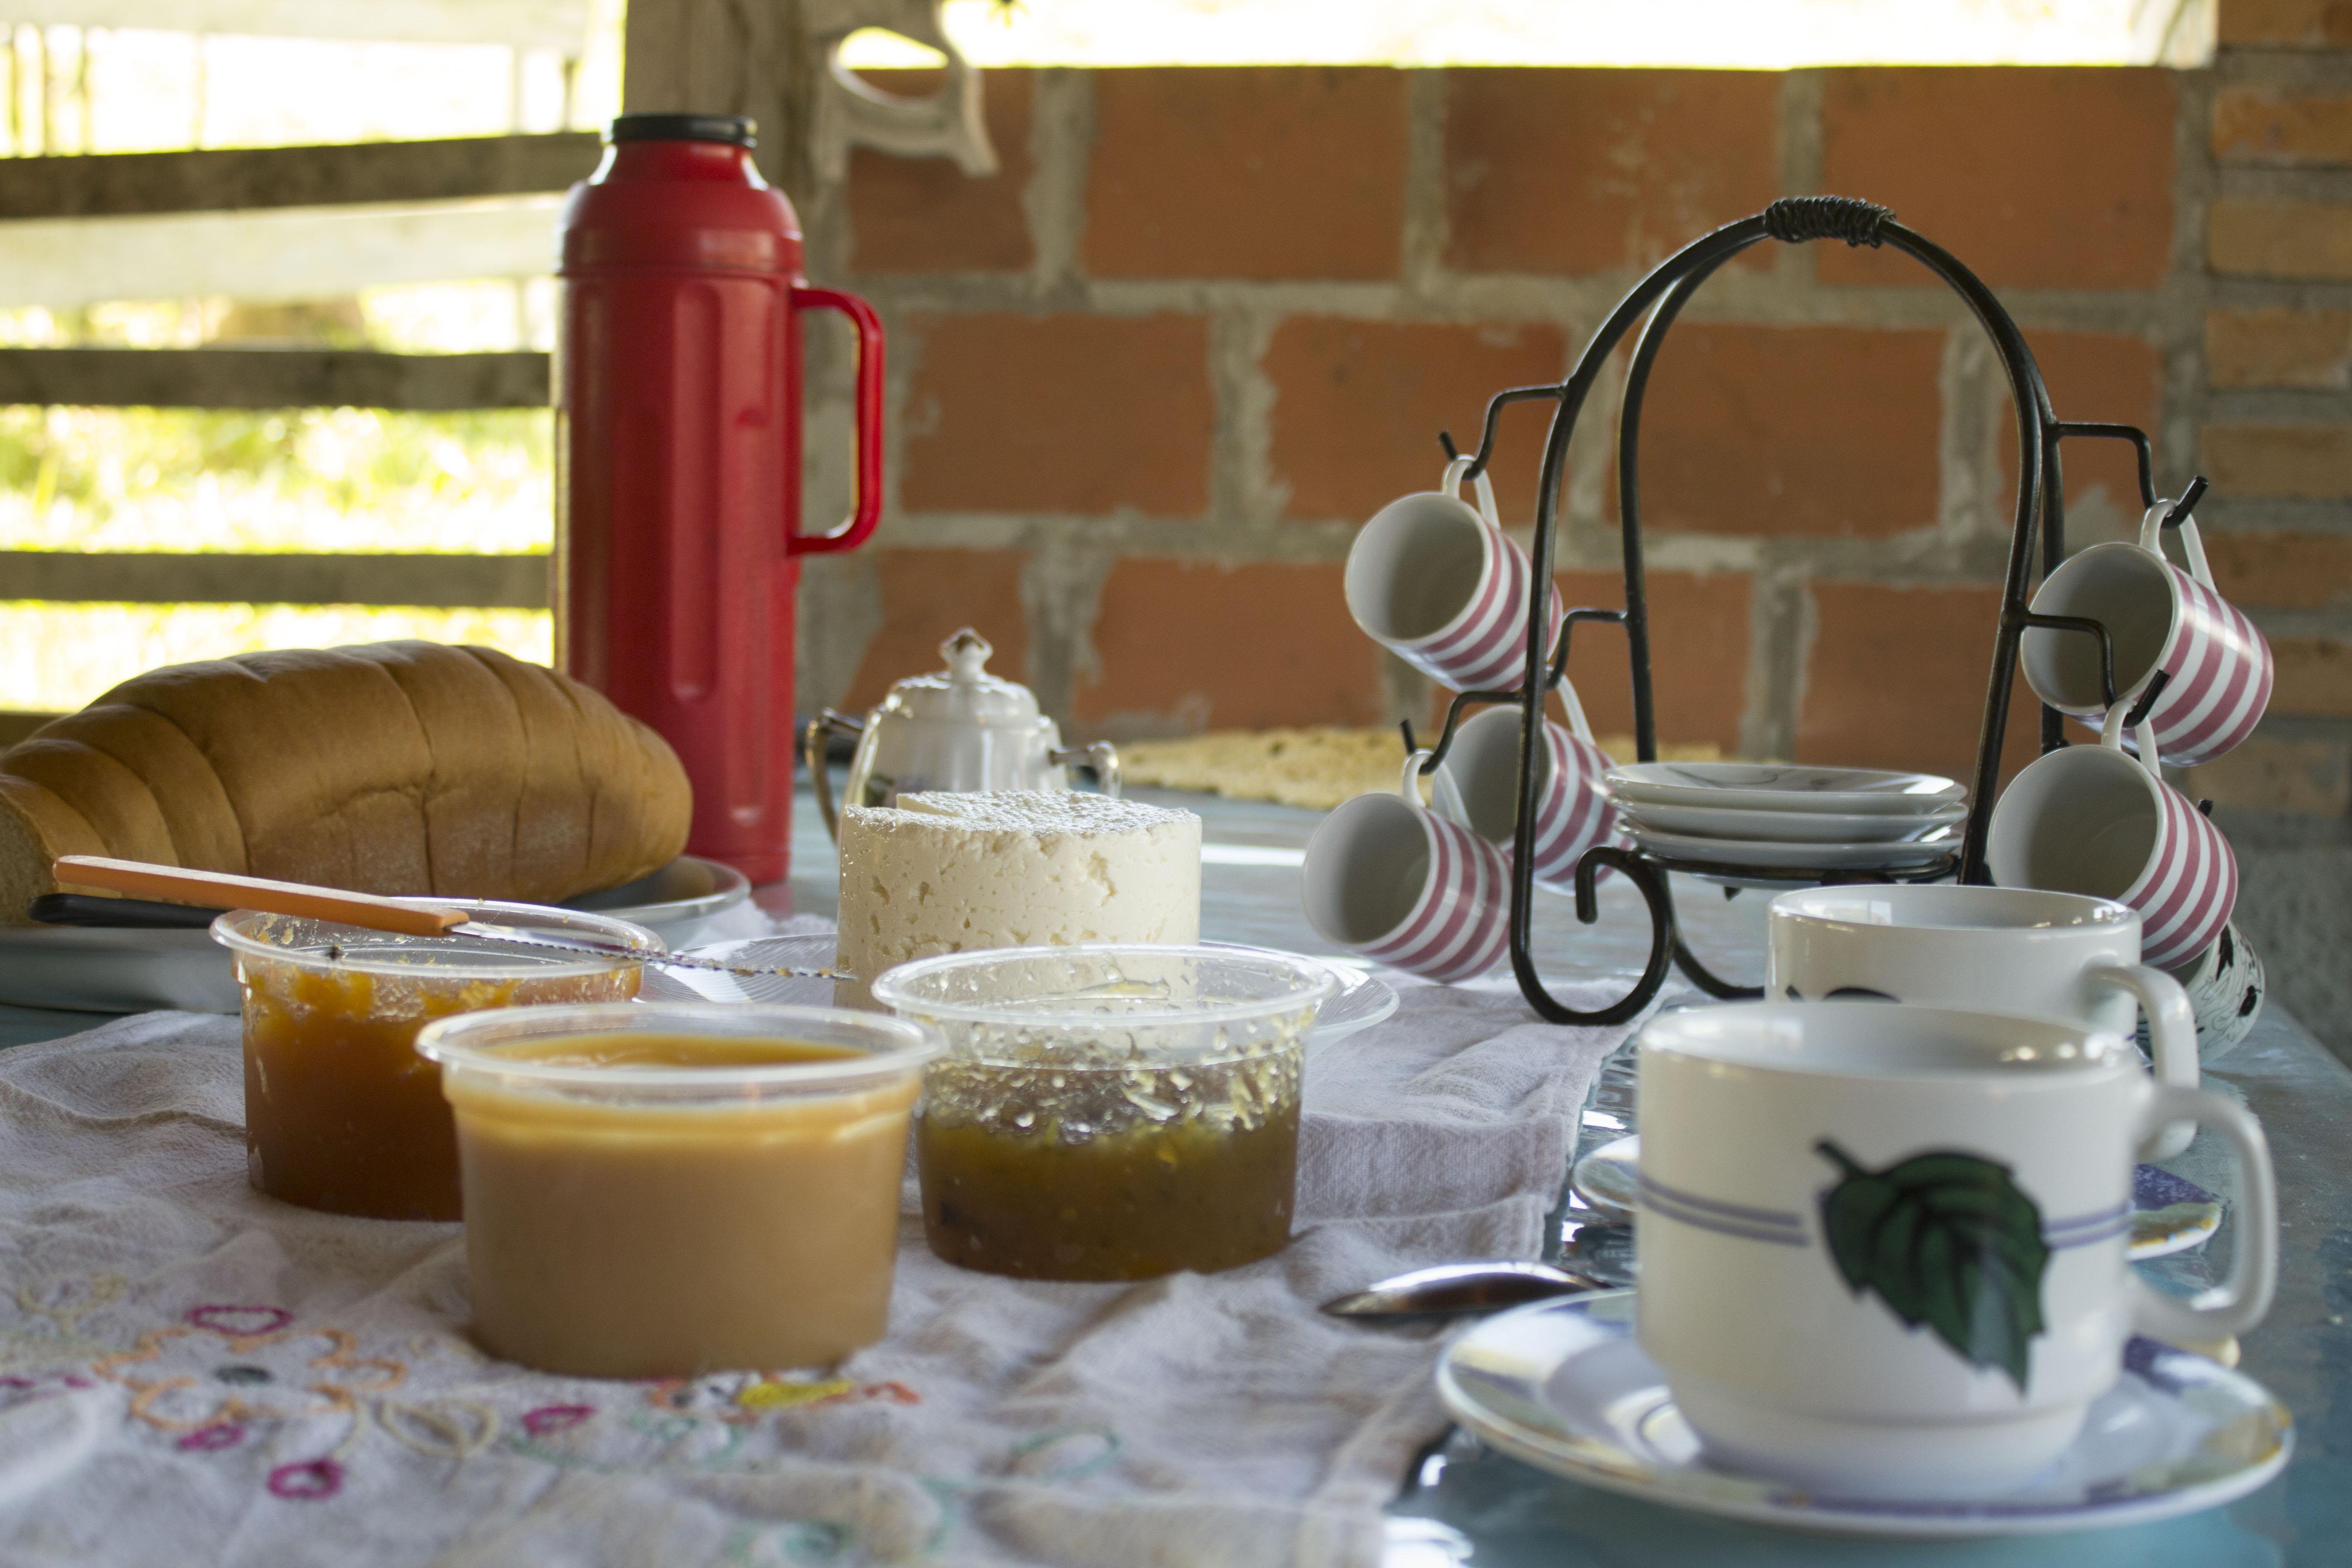 Cafe da tarde sitio santa gertrudes sapopema.jpg